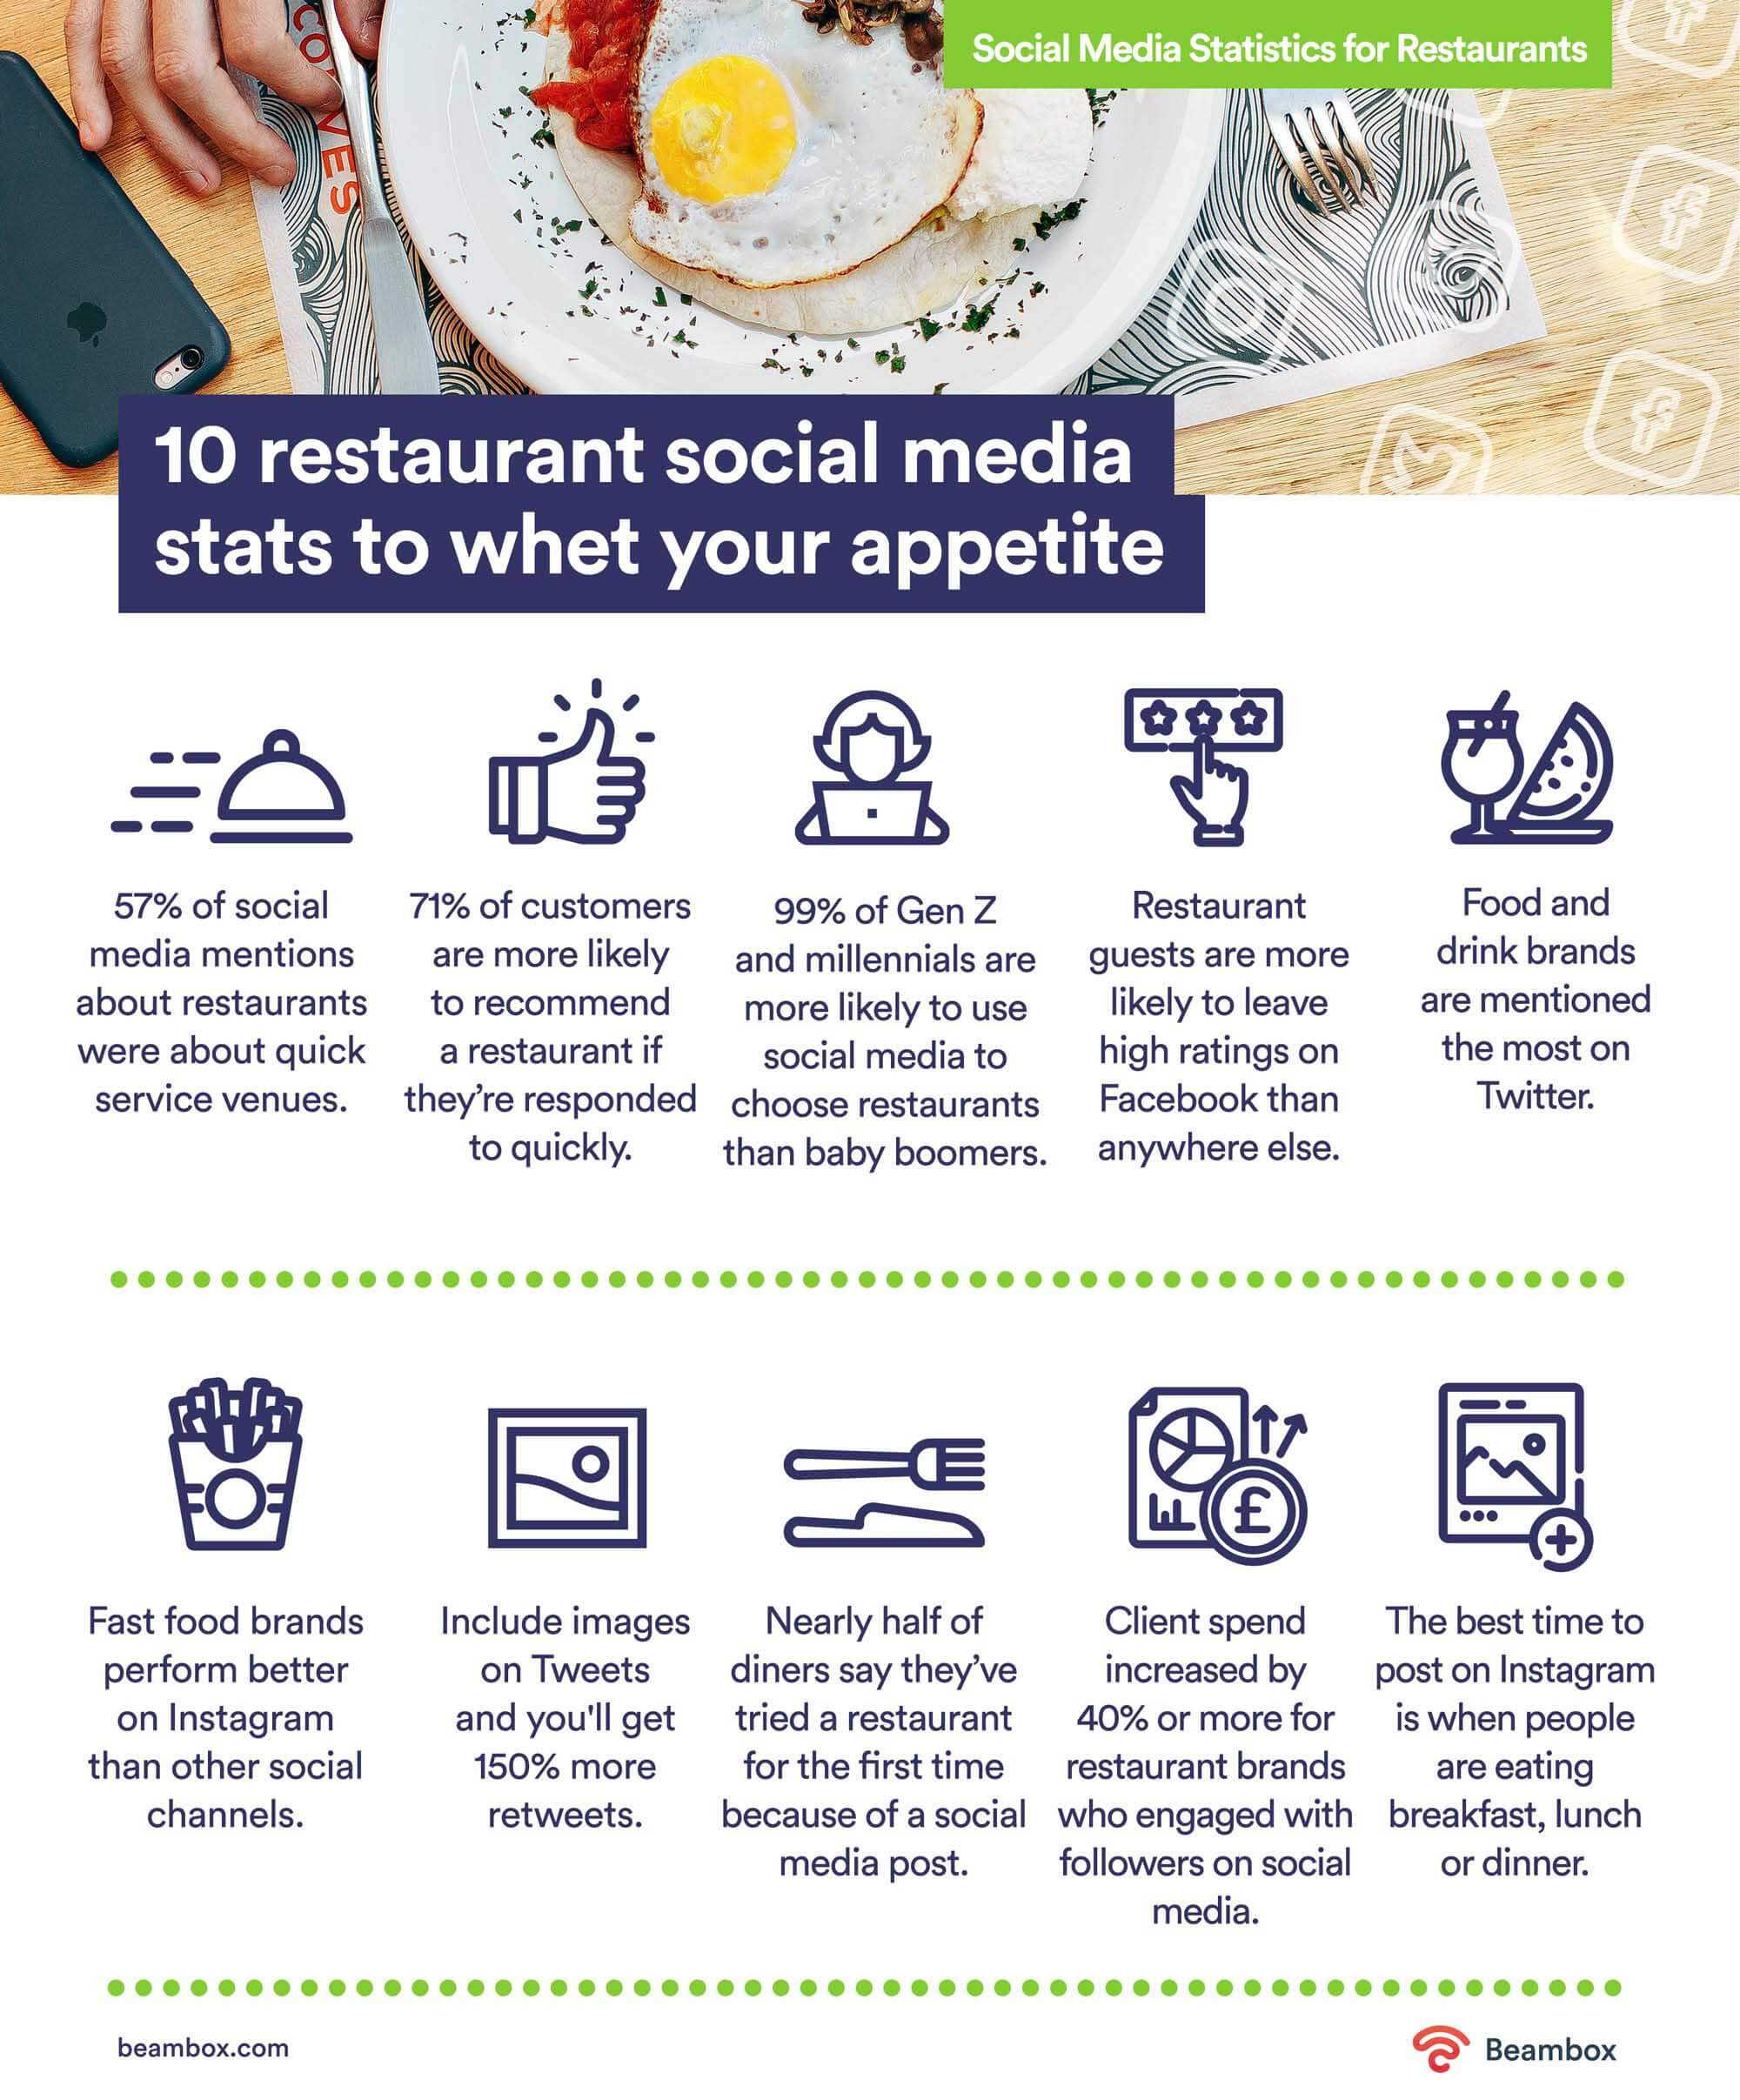 social media stats for restaurants